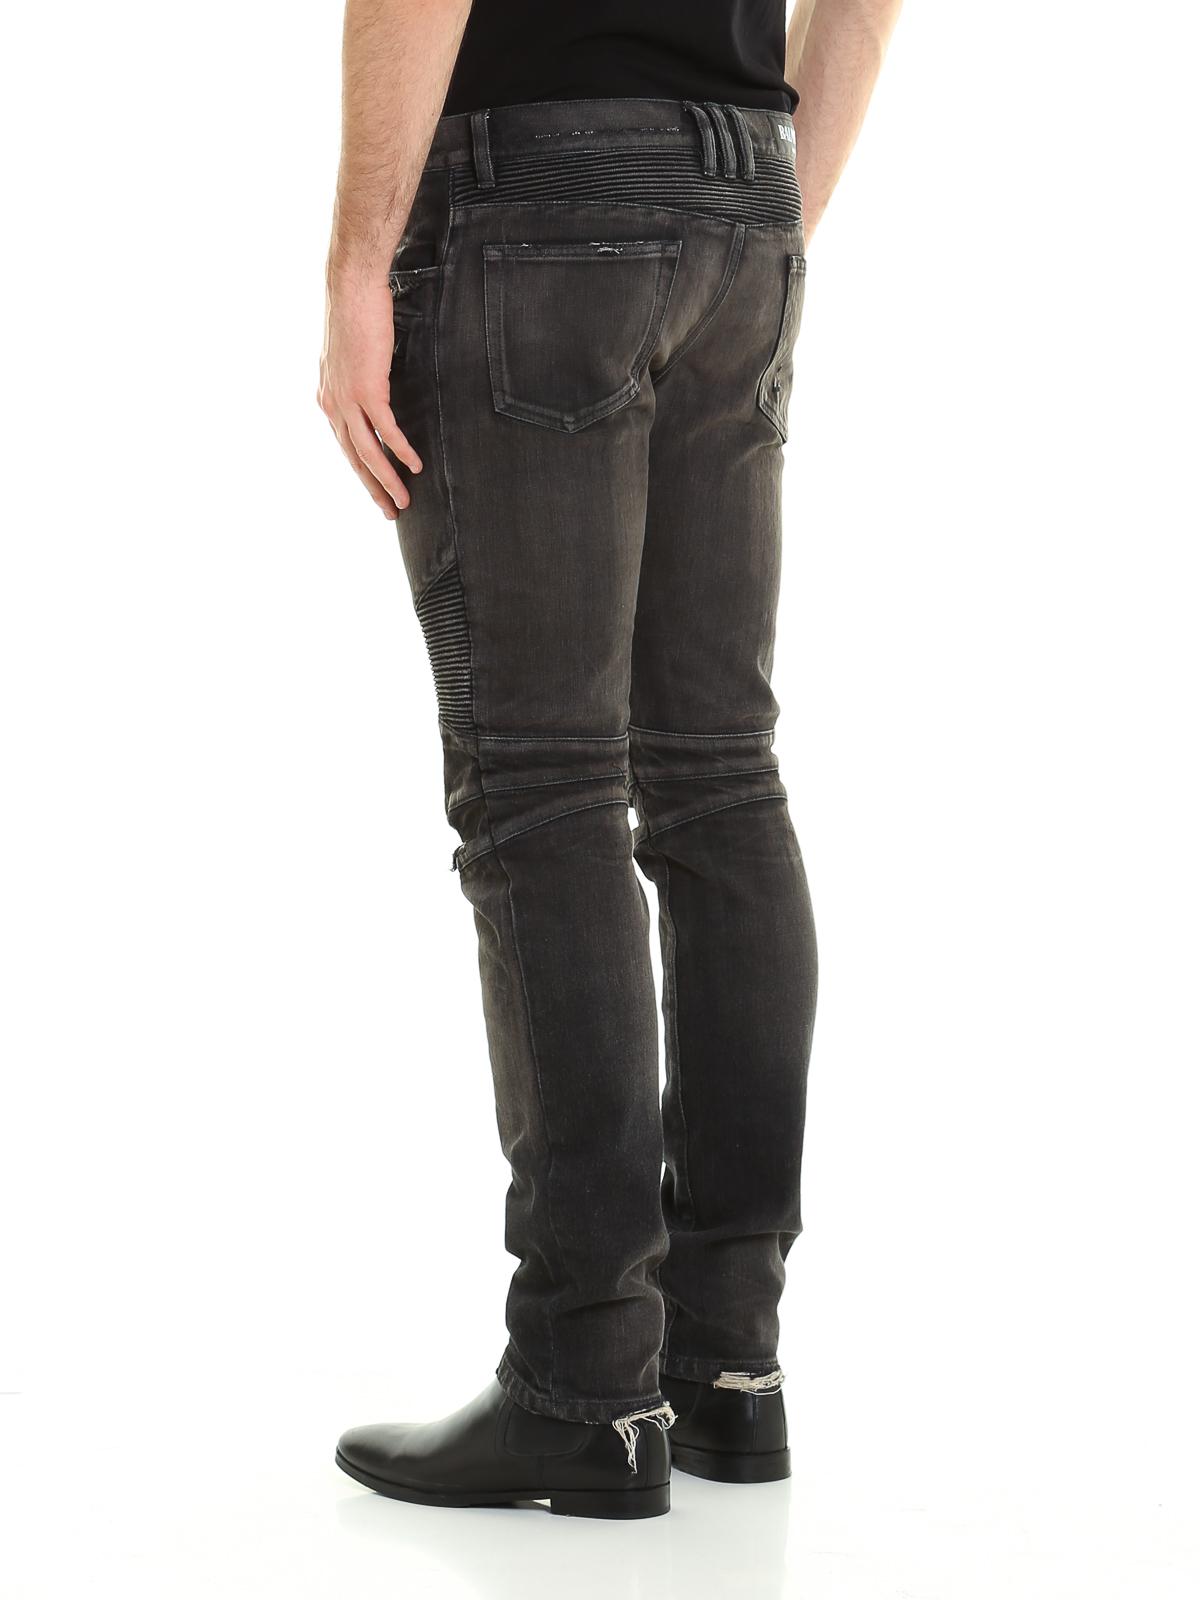 9add28a6 iKRIX Balmain: straight leg jeans - Distressed denim biker jeans